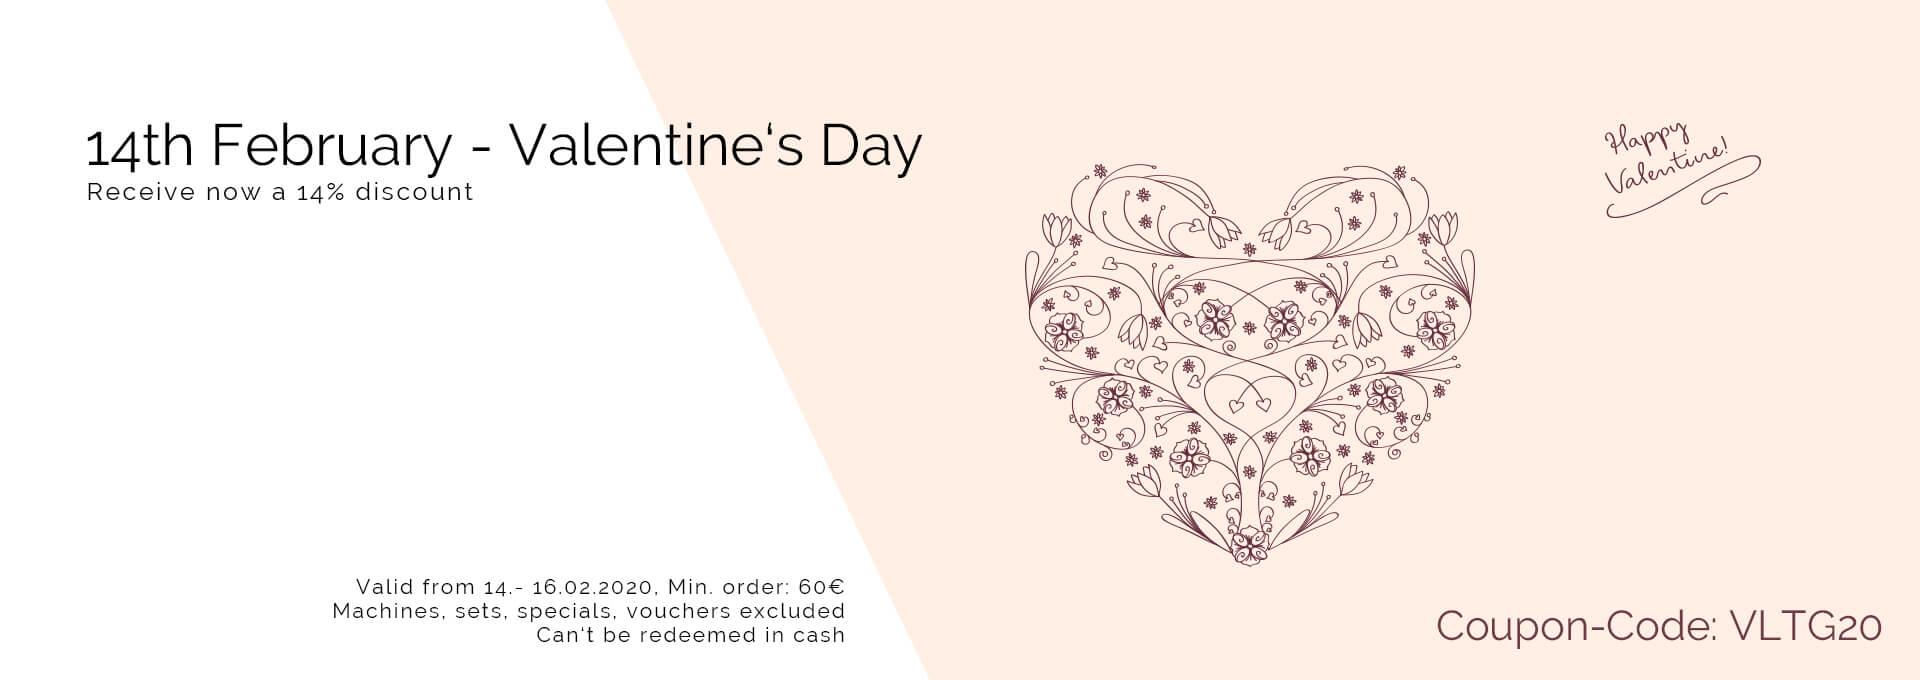 14% discount - happy valentines